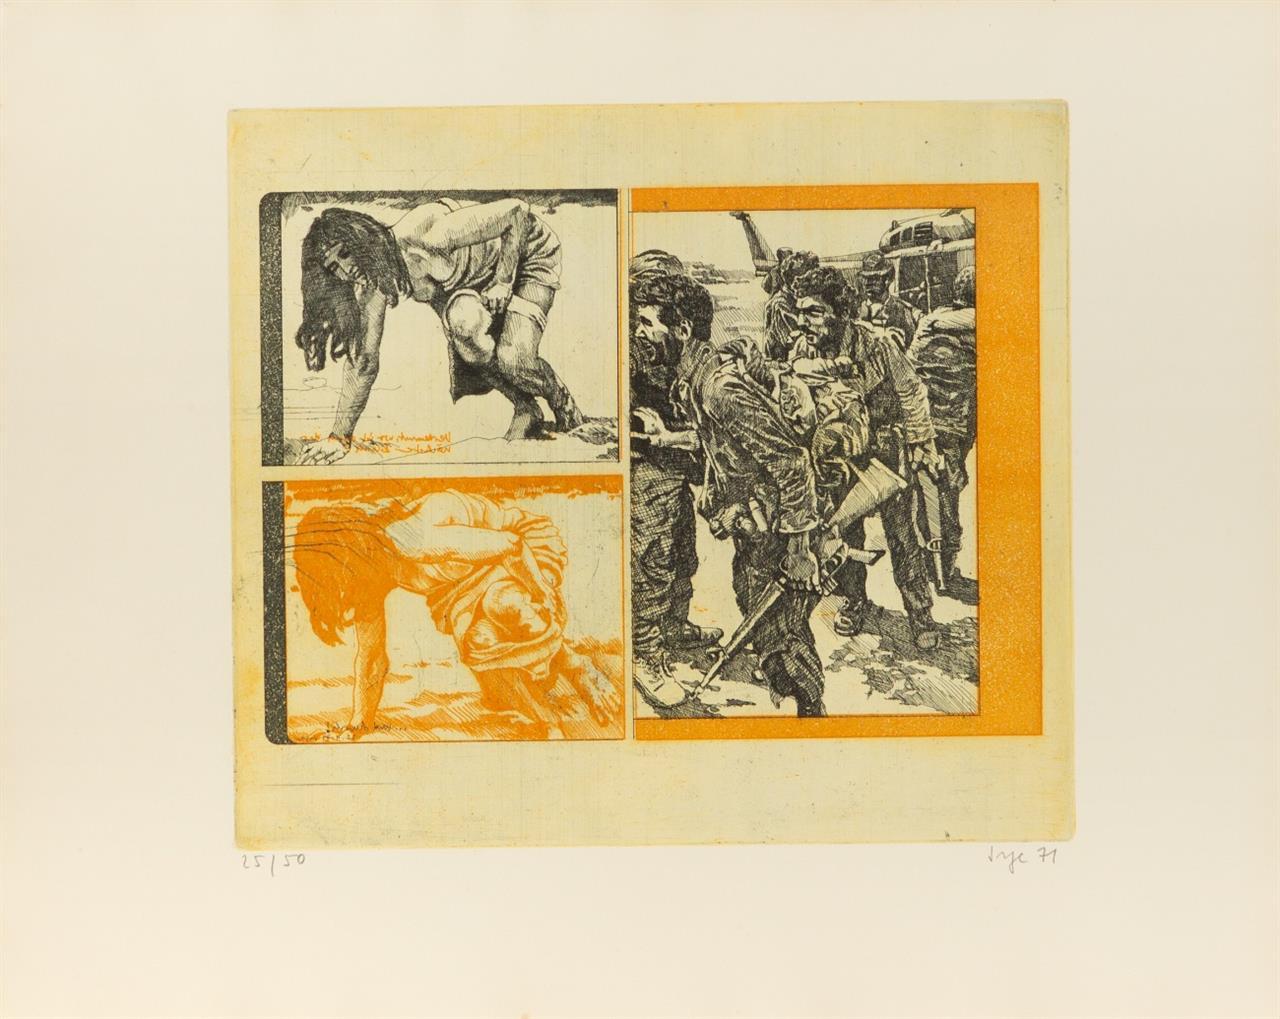 Peter Sorge. Geschichten oder Jungs und Mädels. 1971. 6 Blatt Farbradierungen in OrKartonumschlag. Signiert. Ex. 25/50.